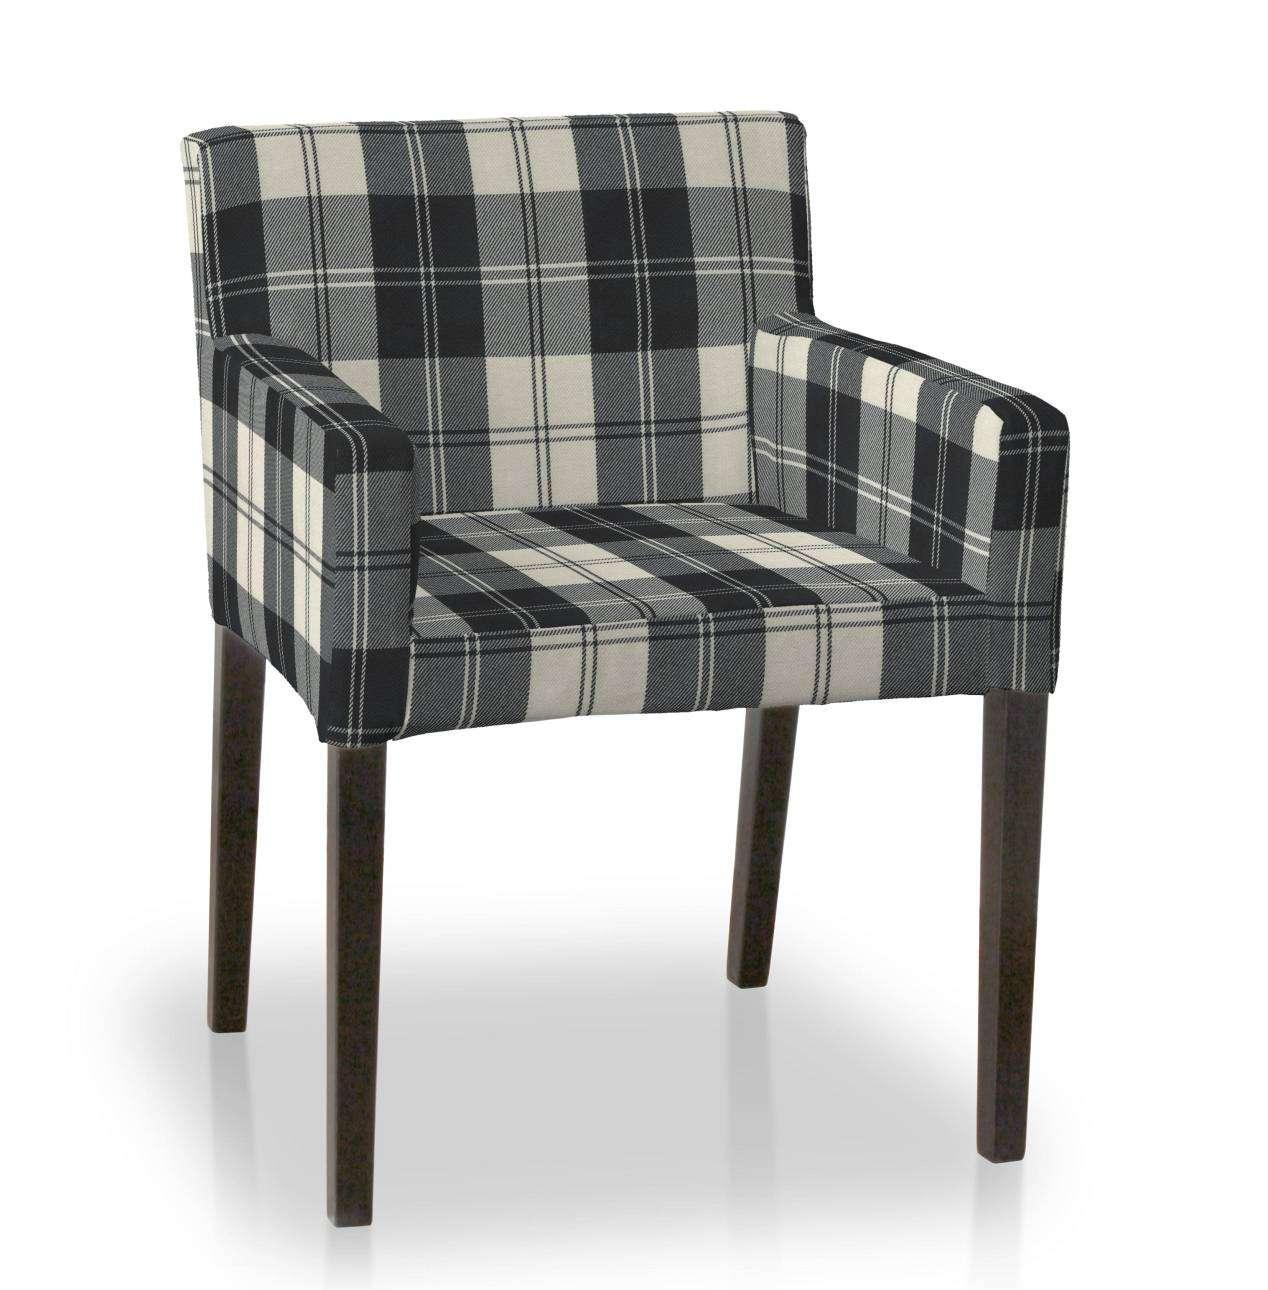 Sukienka na krzesło Nils krzesło Nils w kolekcji Edinburgh, tkanina: 115-74